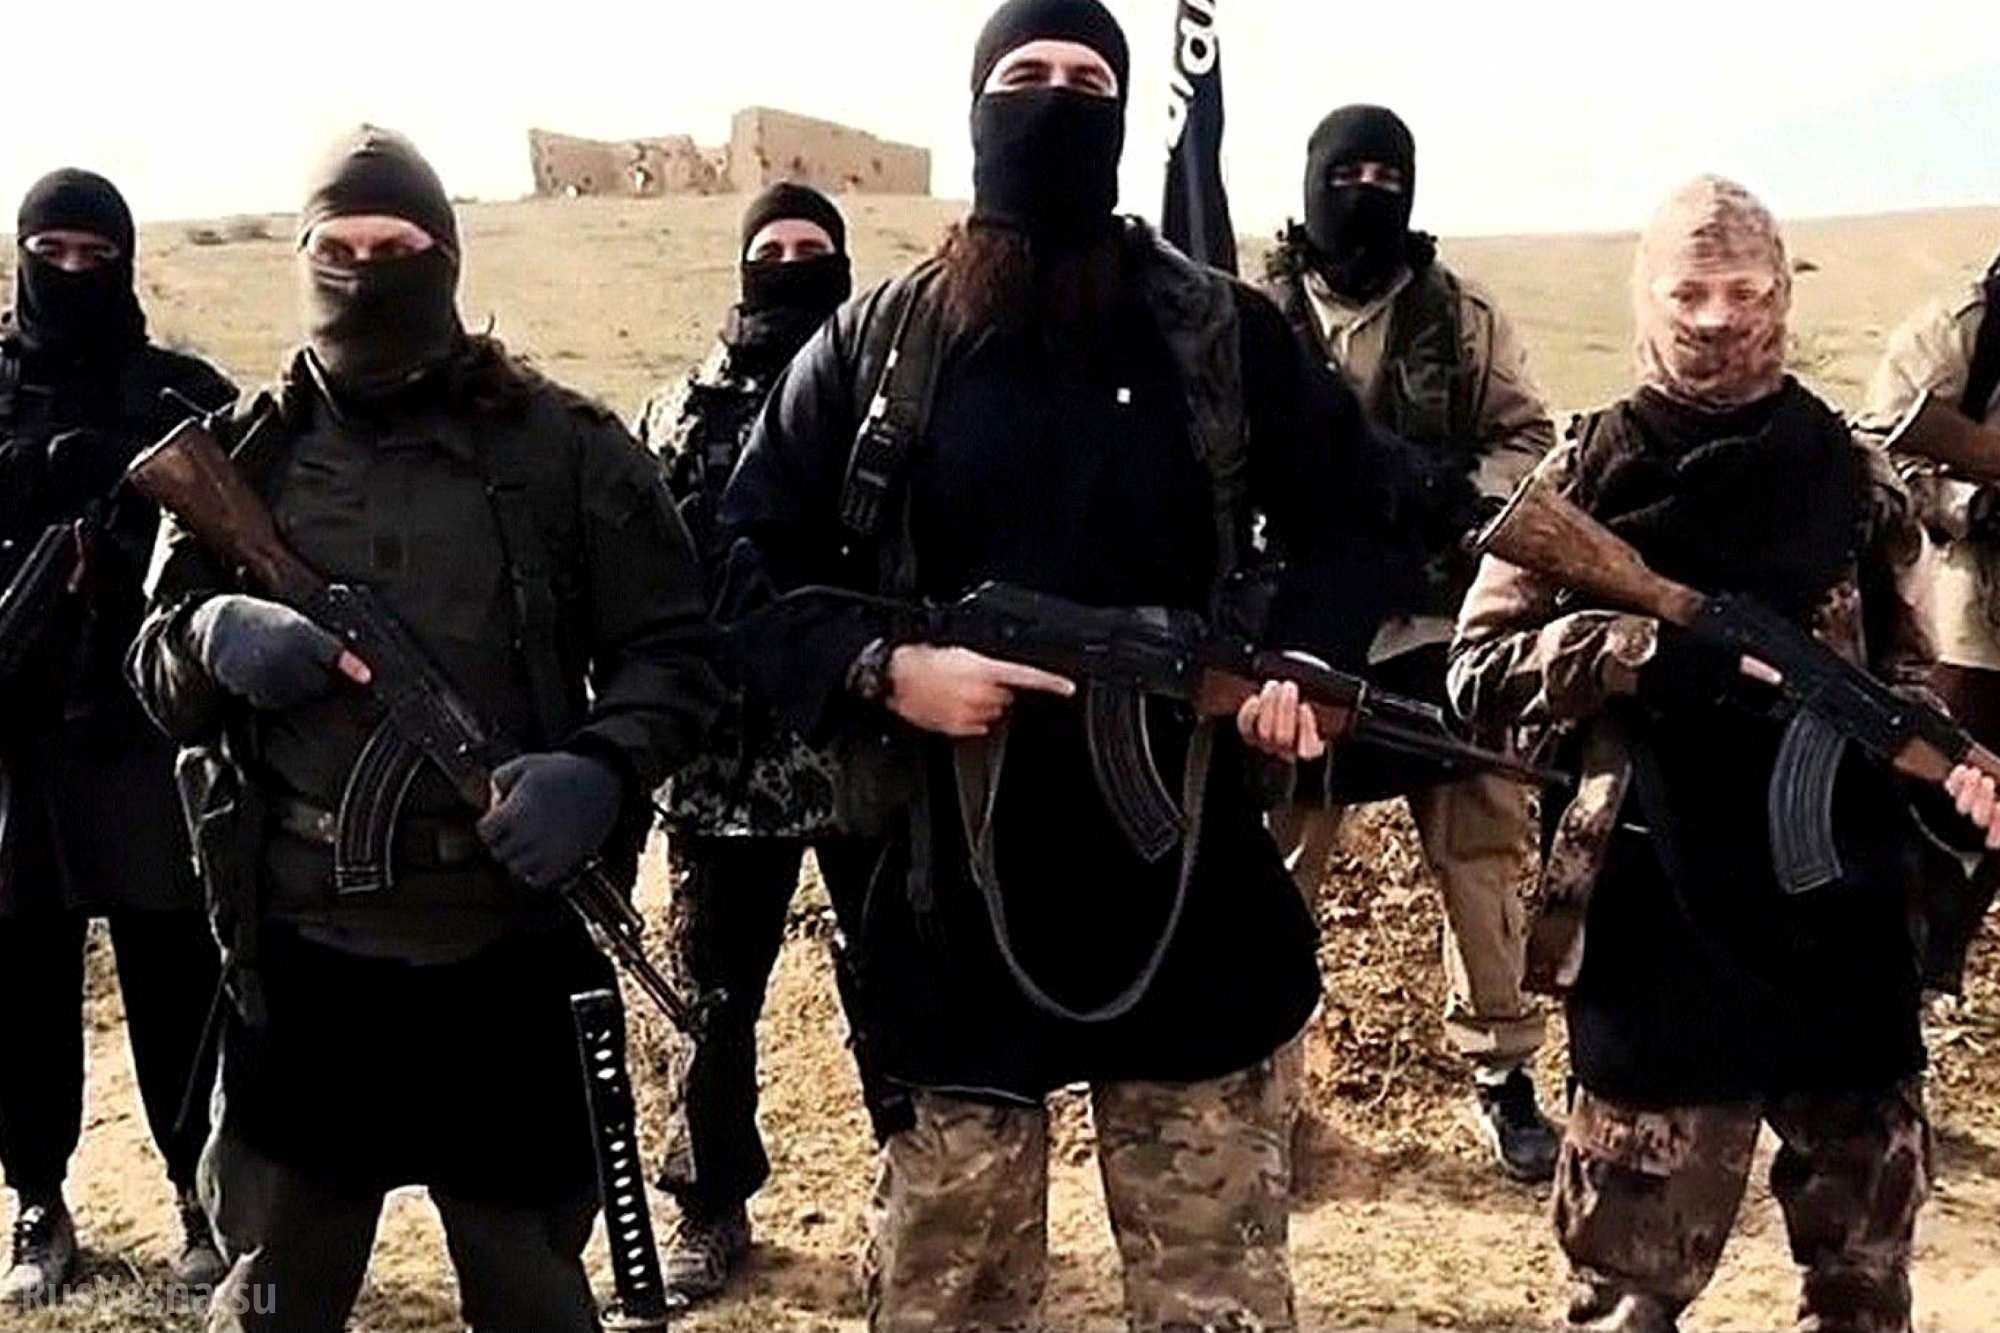 ИГИЛ угрожает терактами во время ЧМ-2018 по футболу в РФ